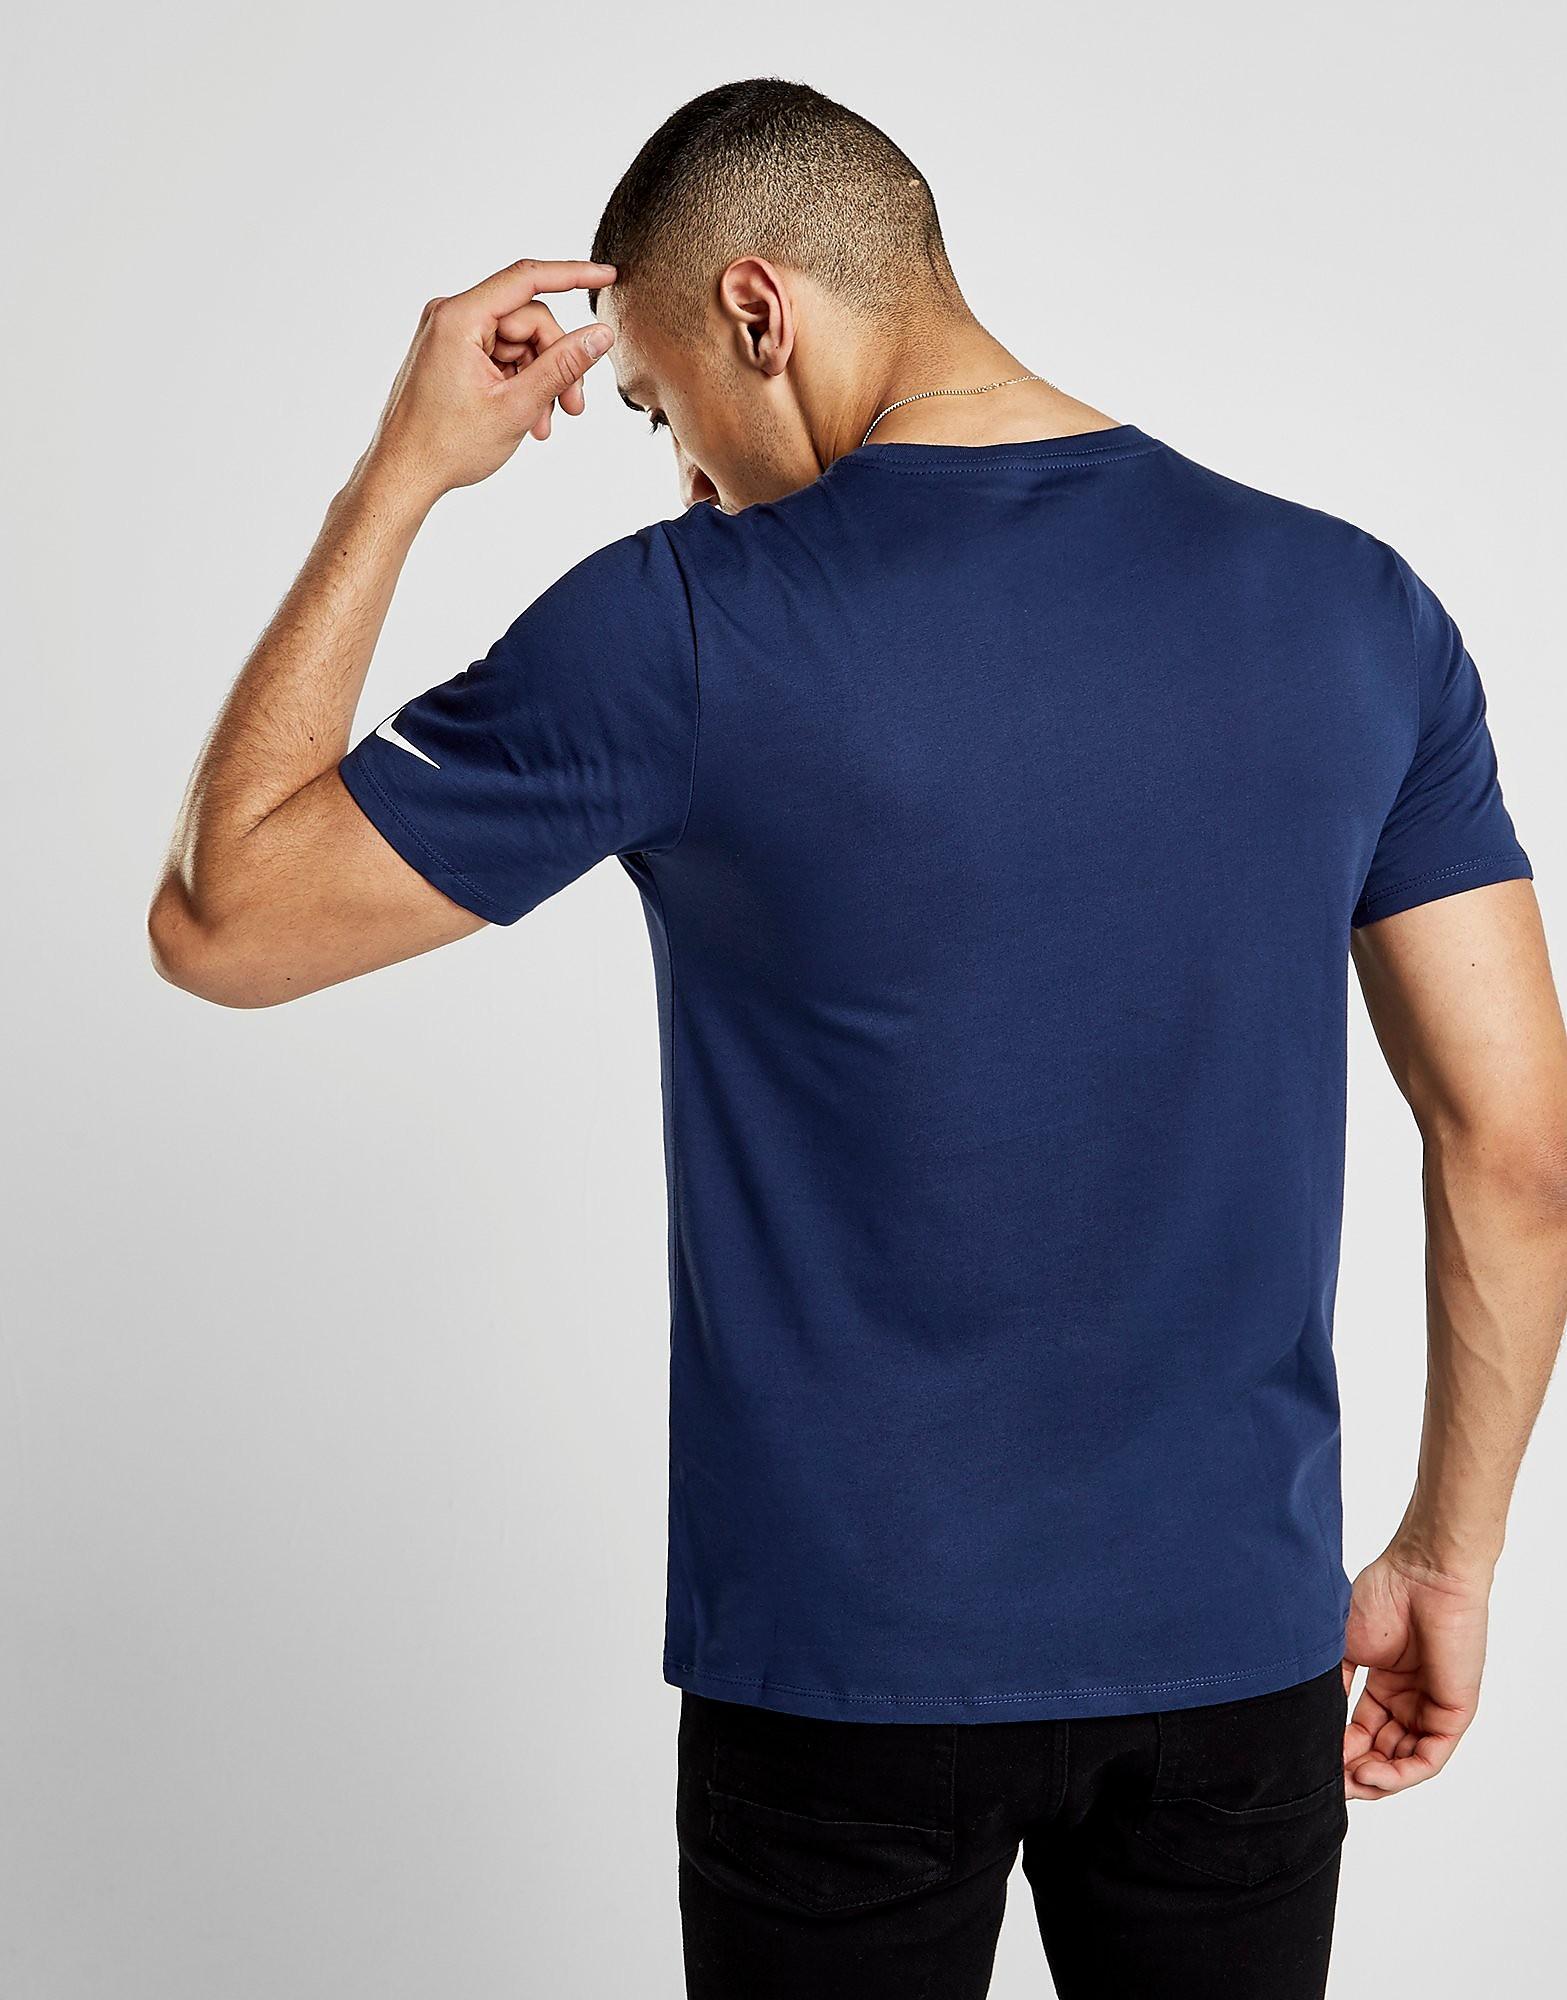 Nike Paris Saint Germain 2018/19 Crest T-Shirt